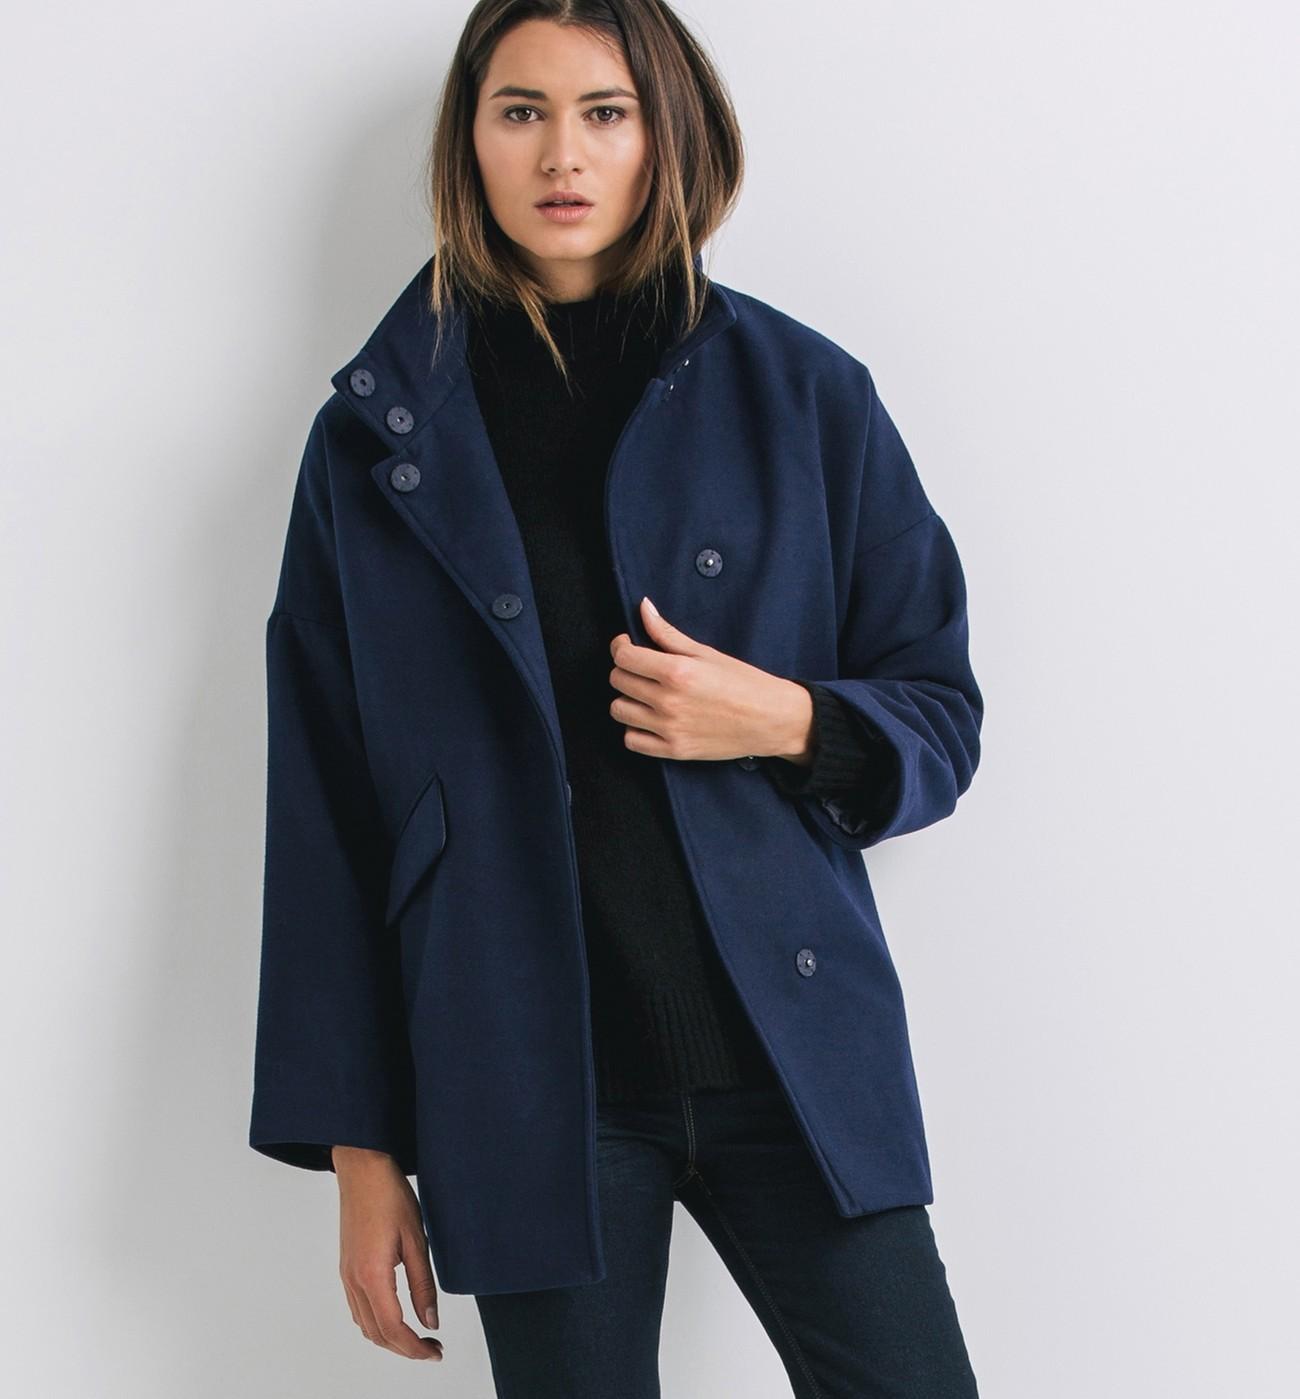 Manteau homme hiver, quel modèle porter cette saison ?